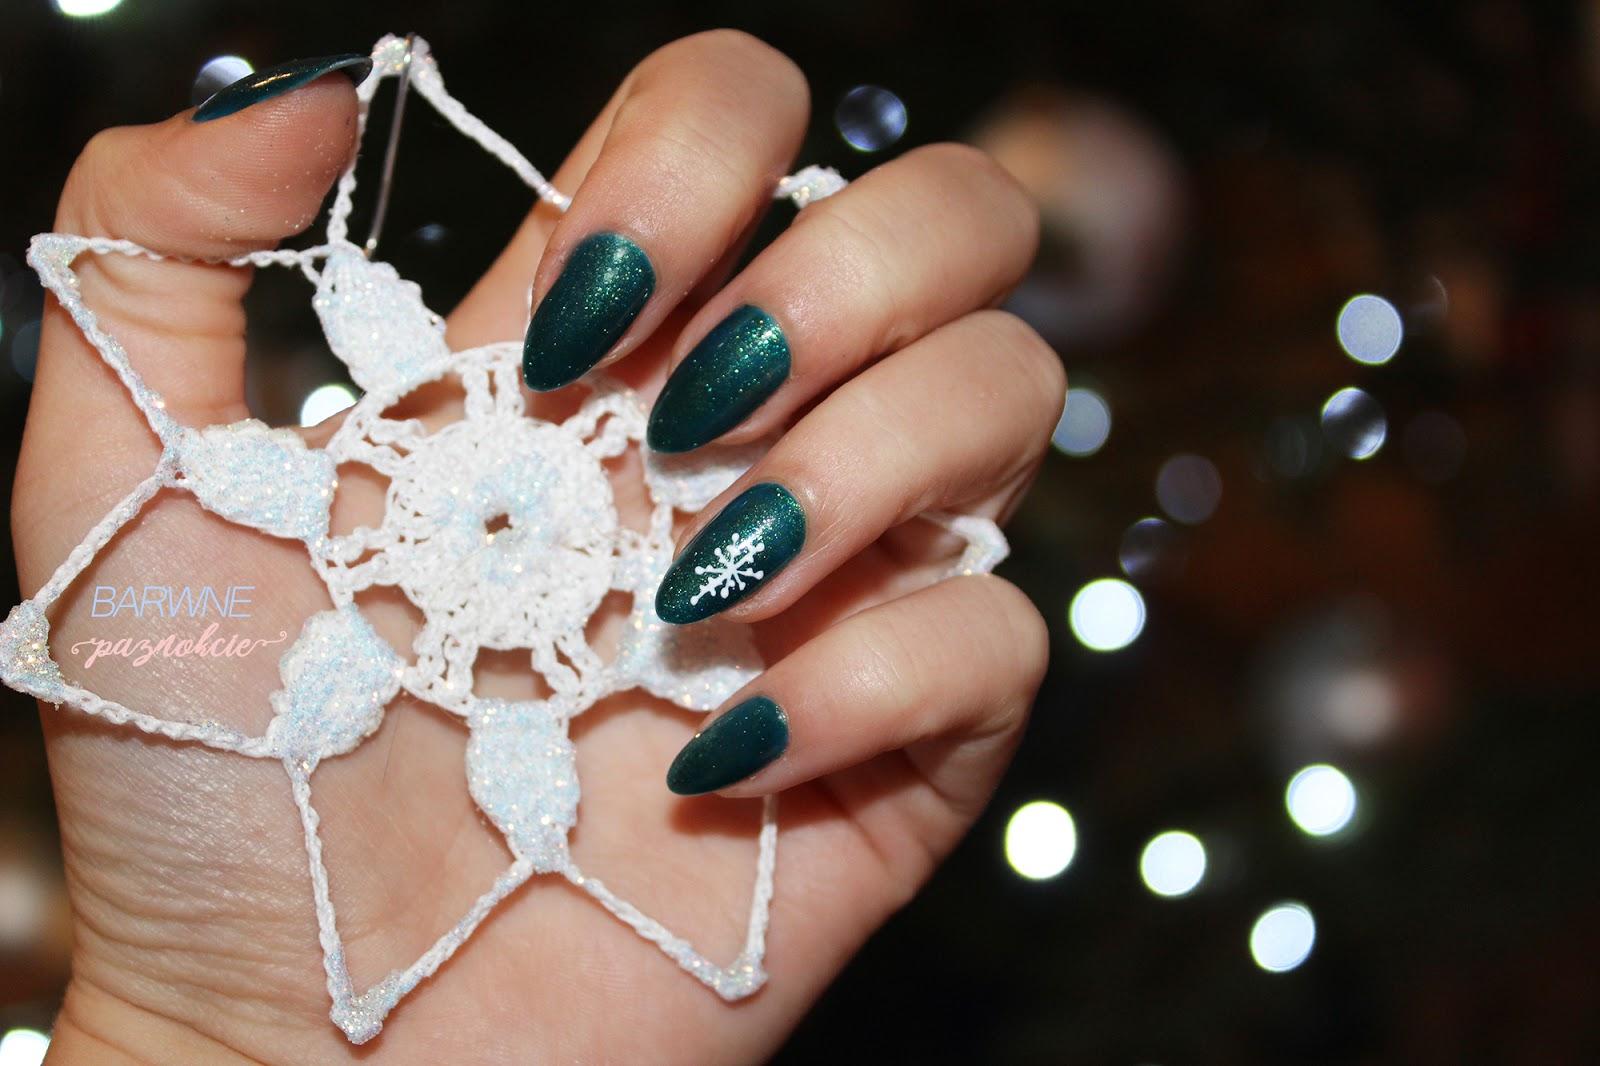 Barwne Paznokcie At Blogspotcom świąteczne Inspiracje Manicure